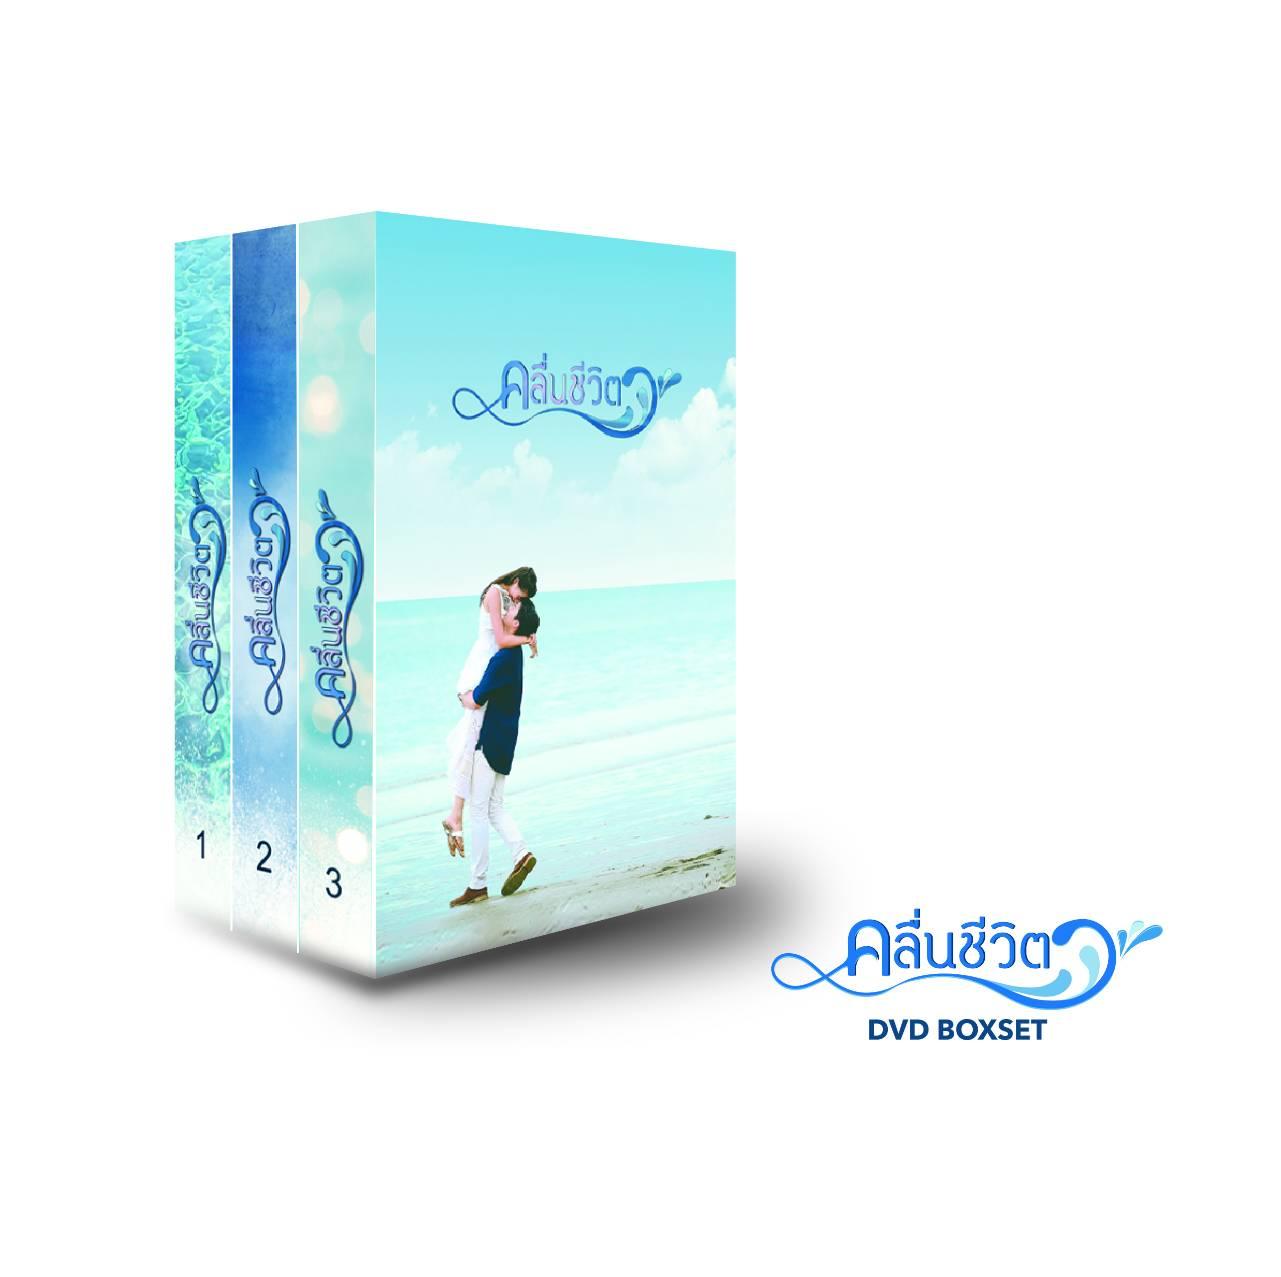 DVD Boxset ละครคลื่นชีวิต